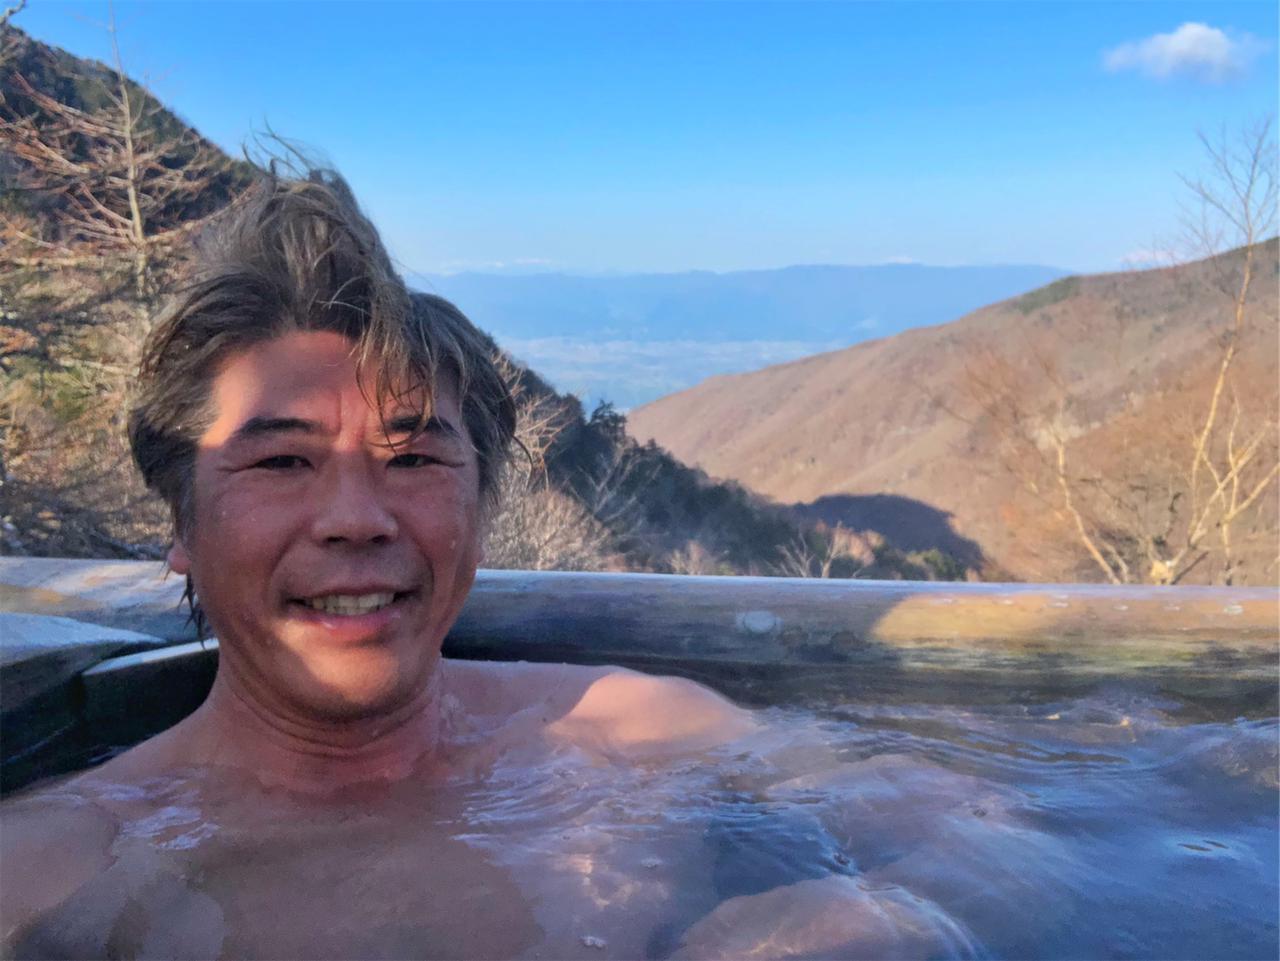 画像3: 標高2000mの林道で春の雪? 雲上の野天風呂を目指してダートを駆けあがる!【三橋淳のアフリカツイン・トリップ】